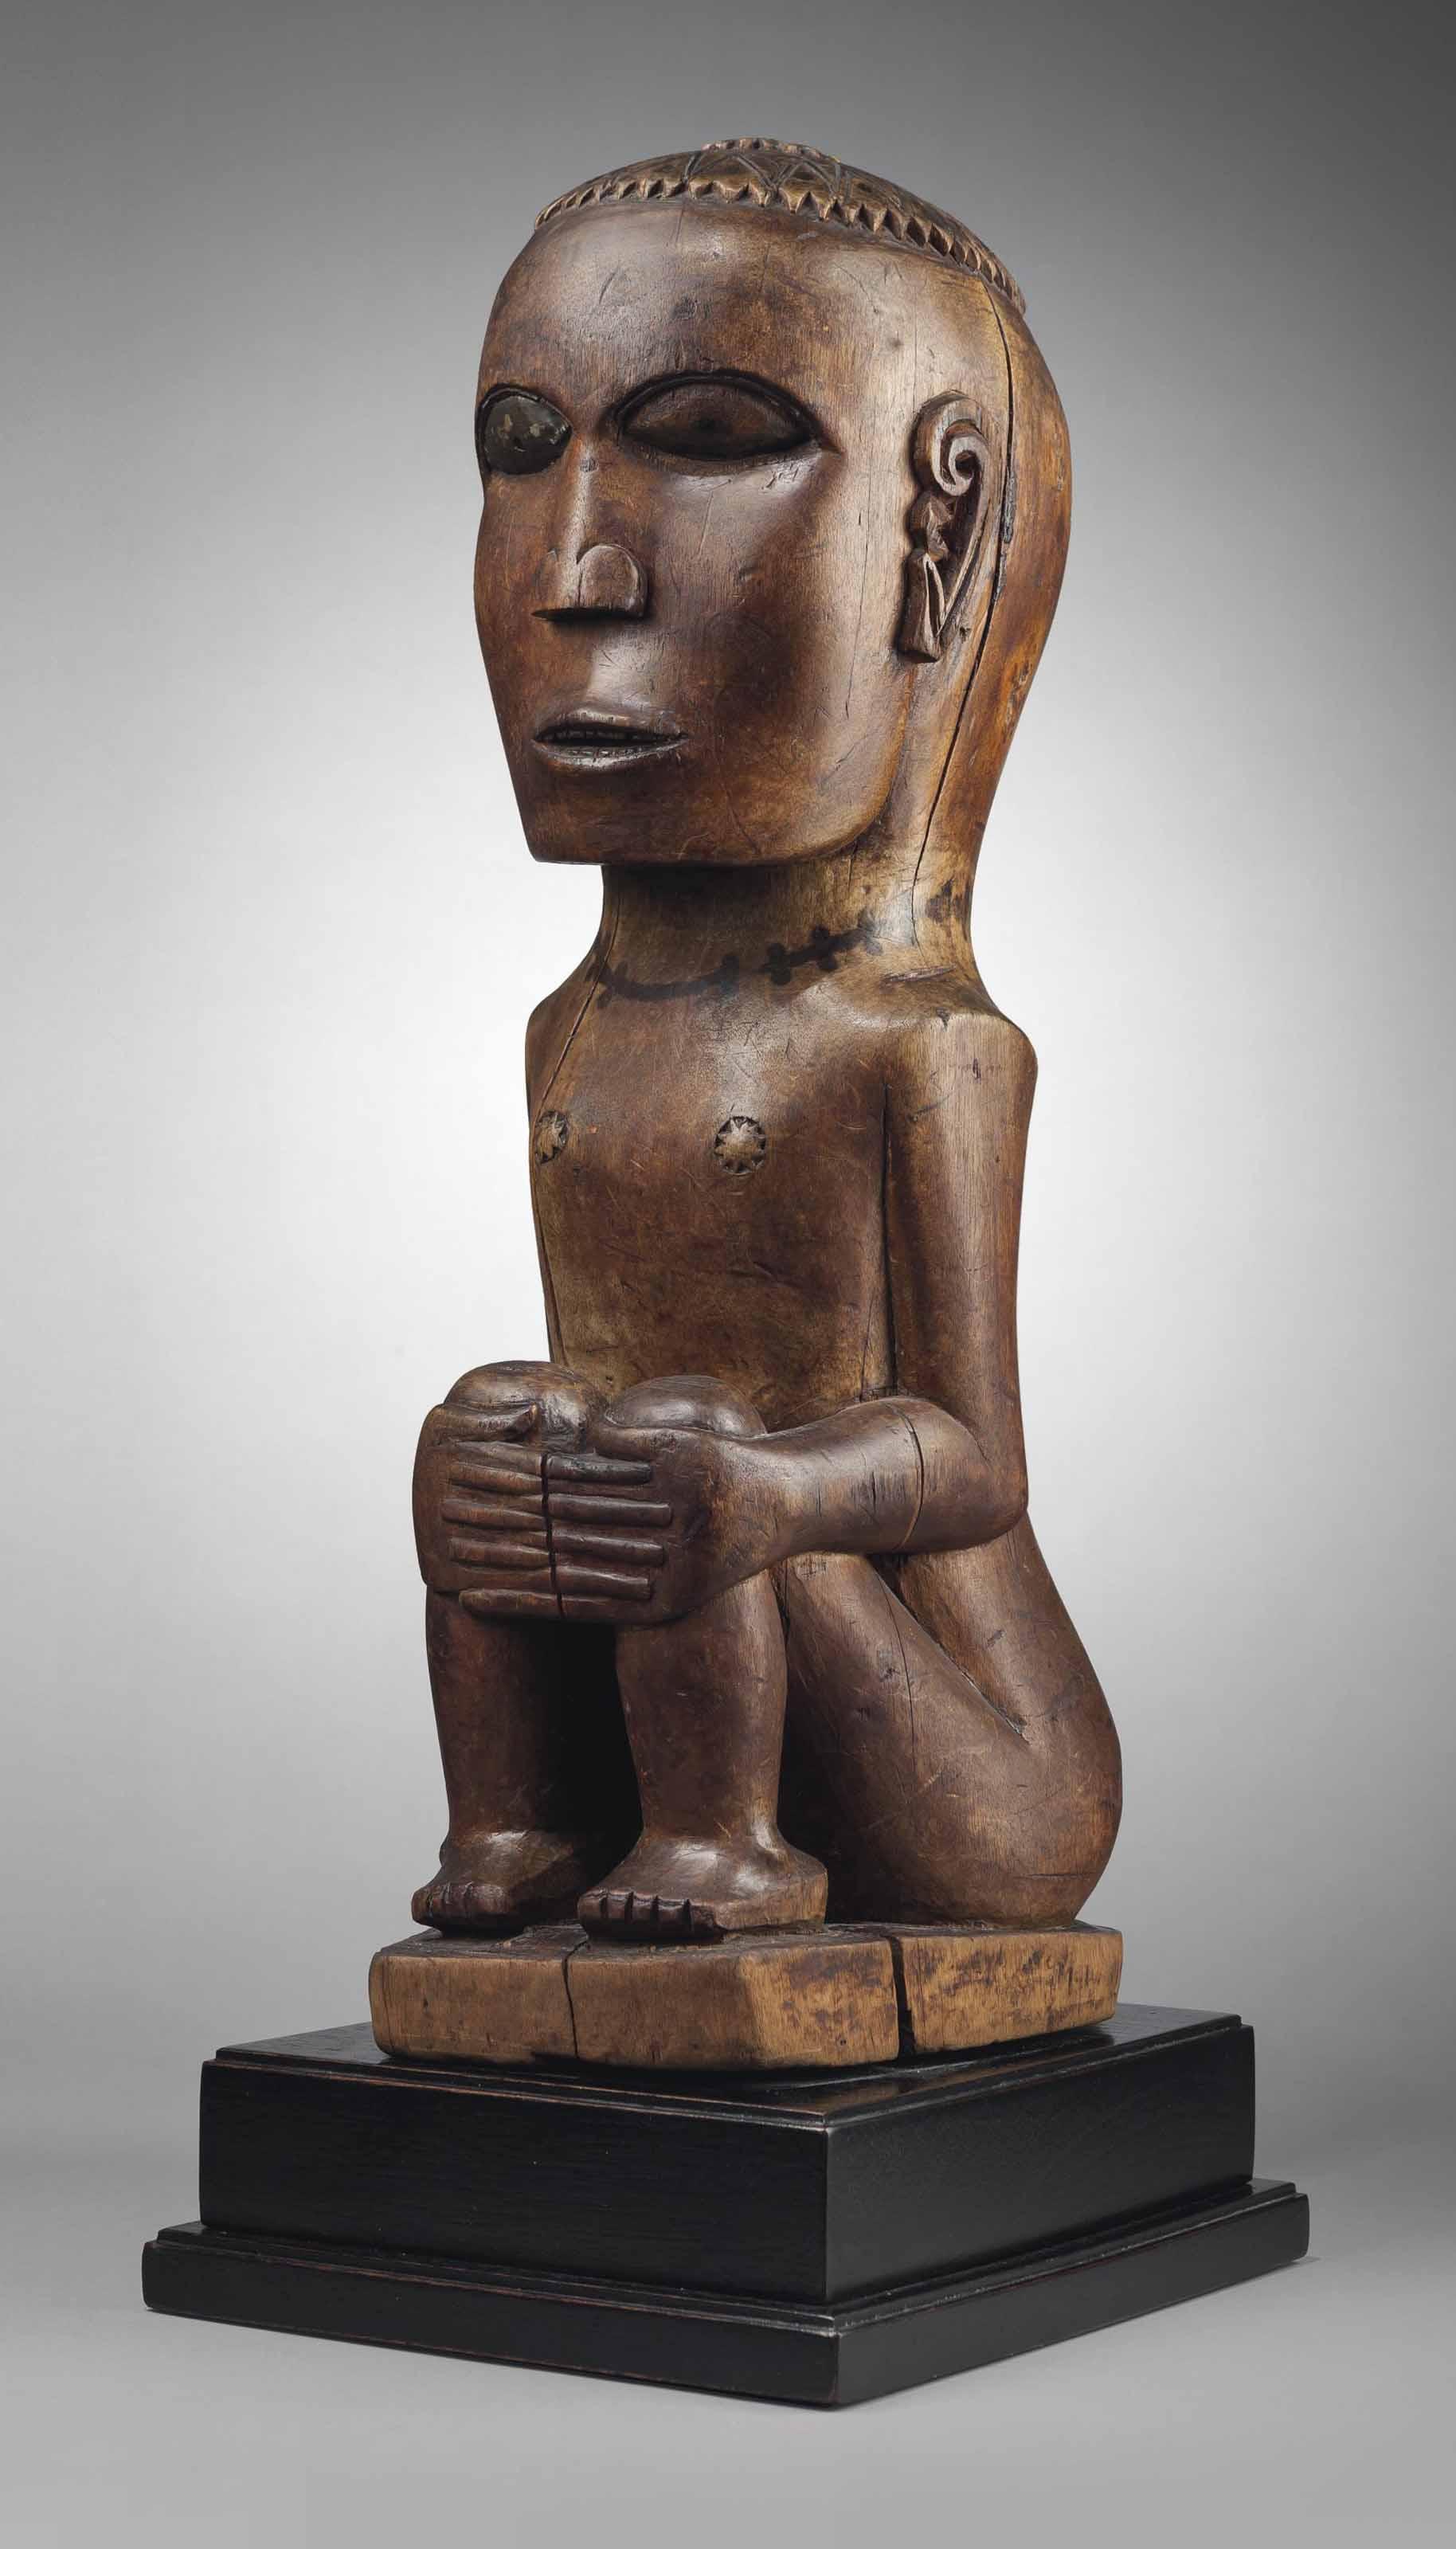 Statue Batak Batak figure